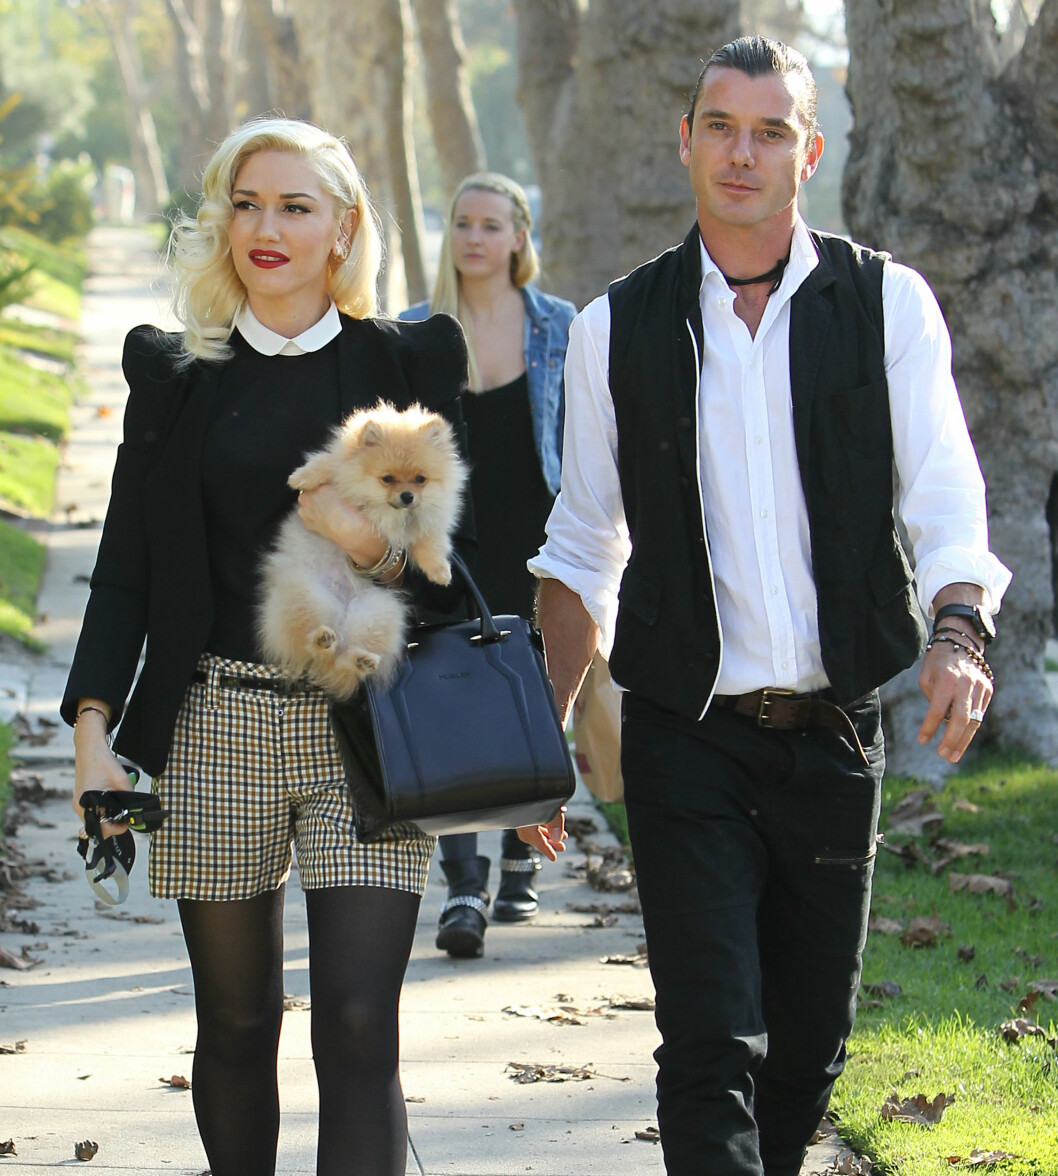 SLUTT: Ekteskapet mellom Gwen Stefani og Gavin Rossdale tok slutt etter 13 år da hun fant ut at han hadde vært utro med barnepiken Mindy Mann (i bakgrunnen).  Foto: Splash News